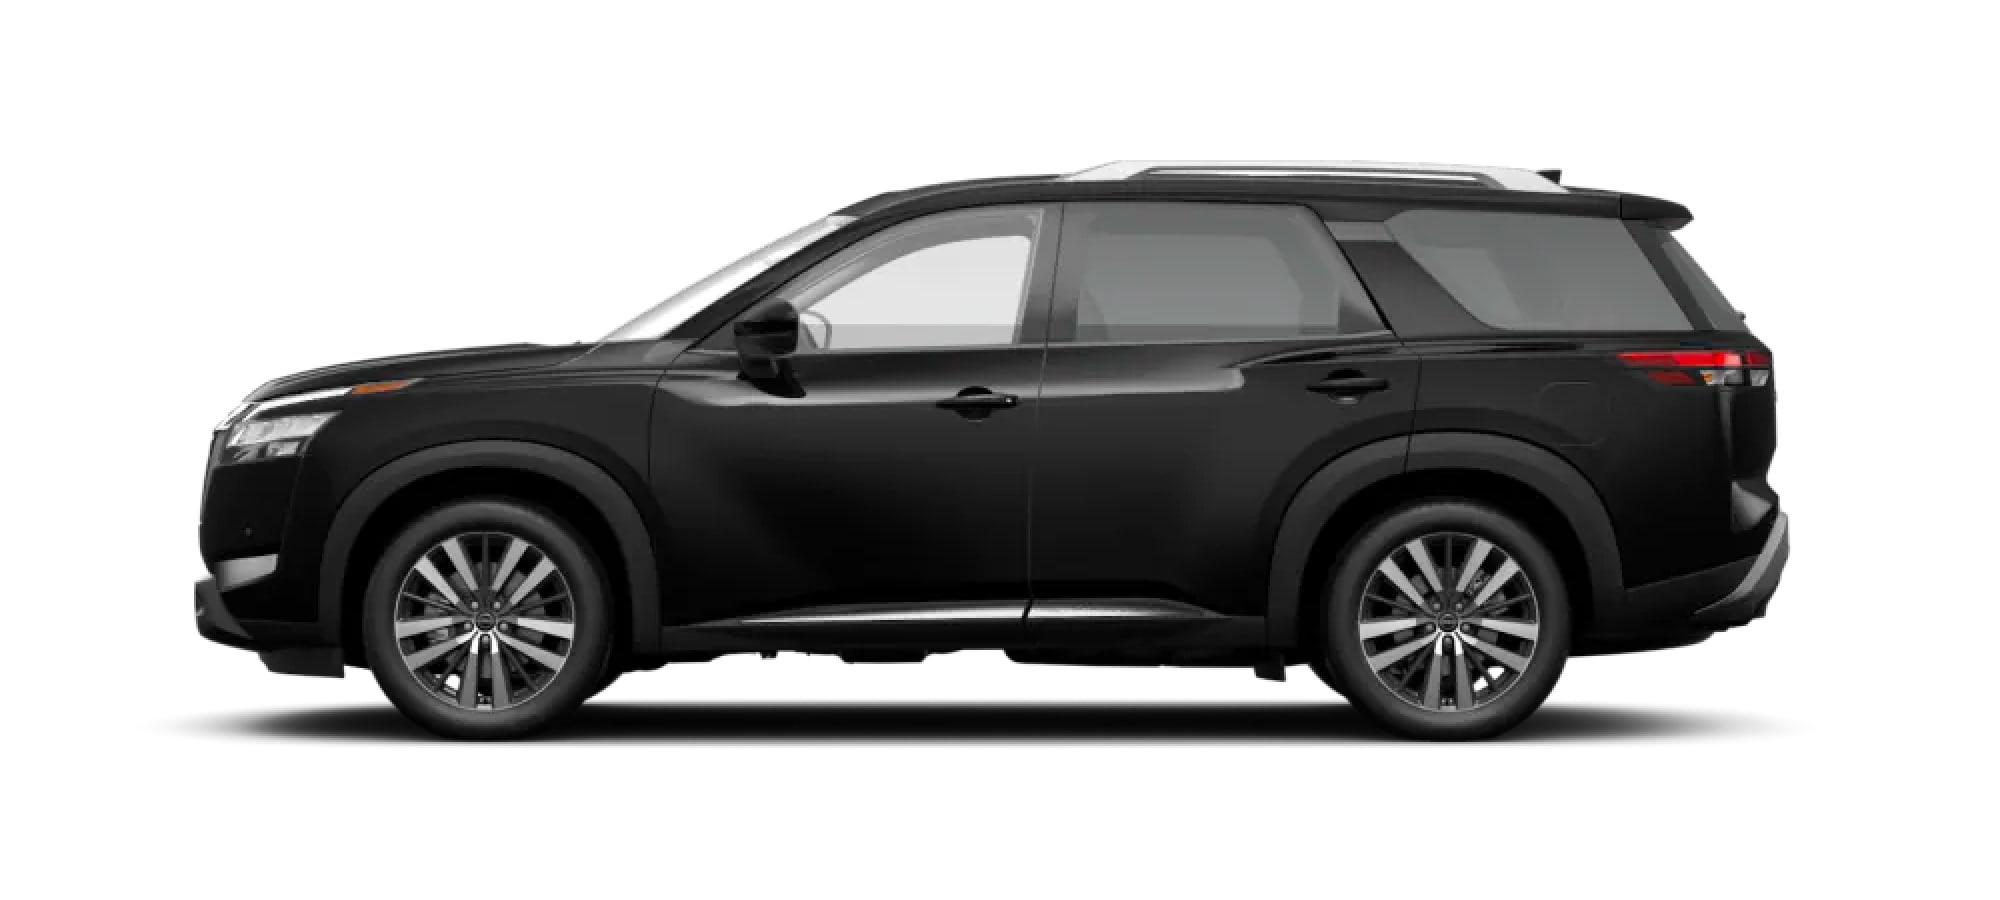 2022 Nissan Pathfinder in Super Black